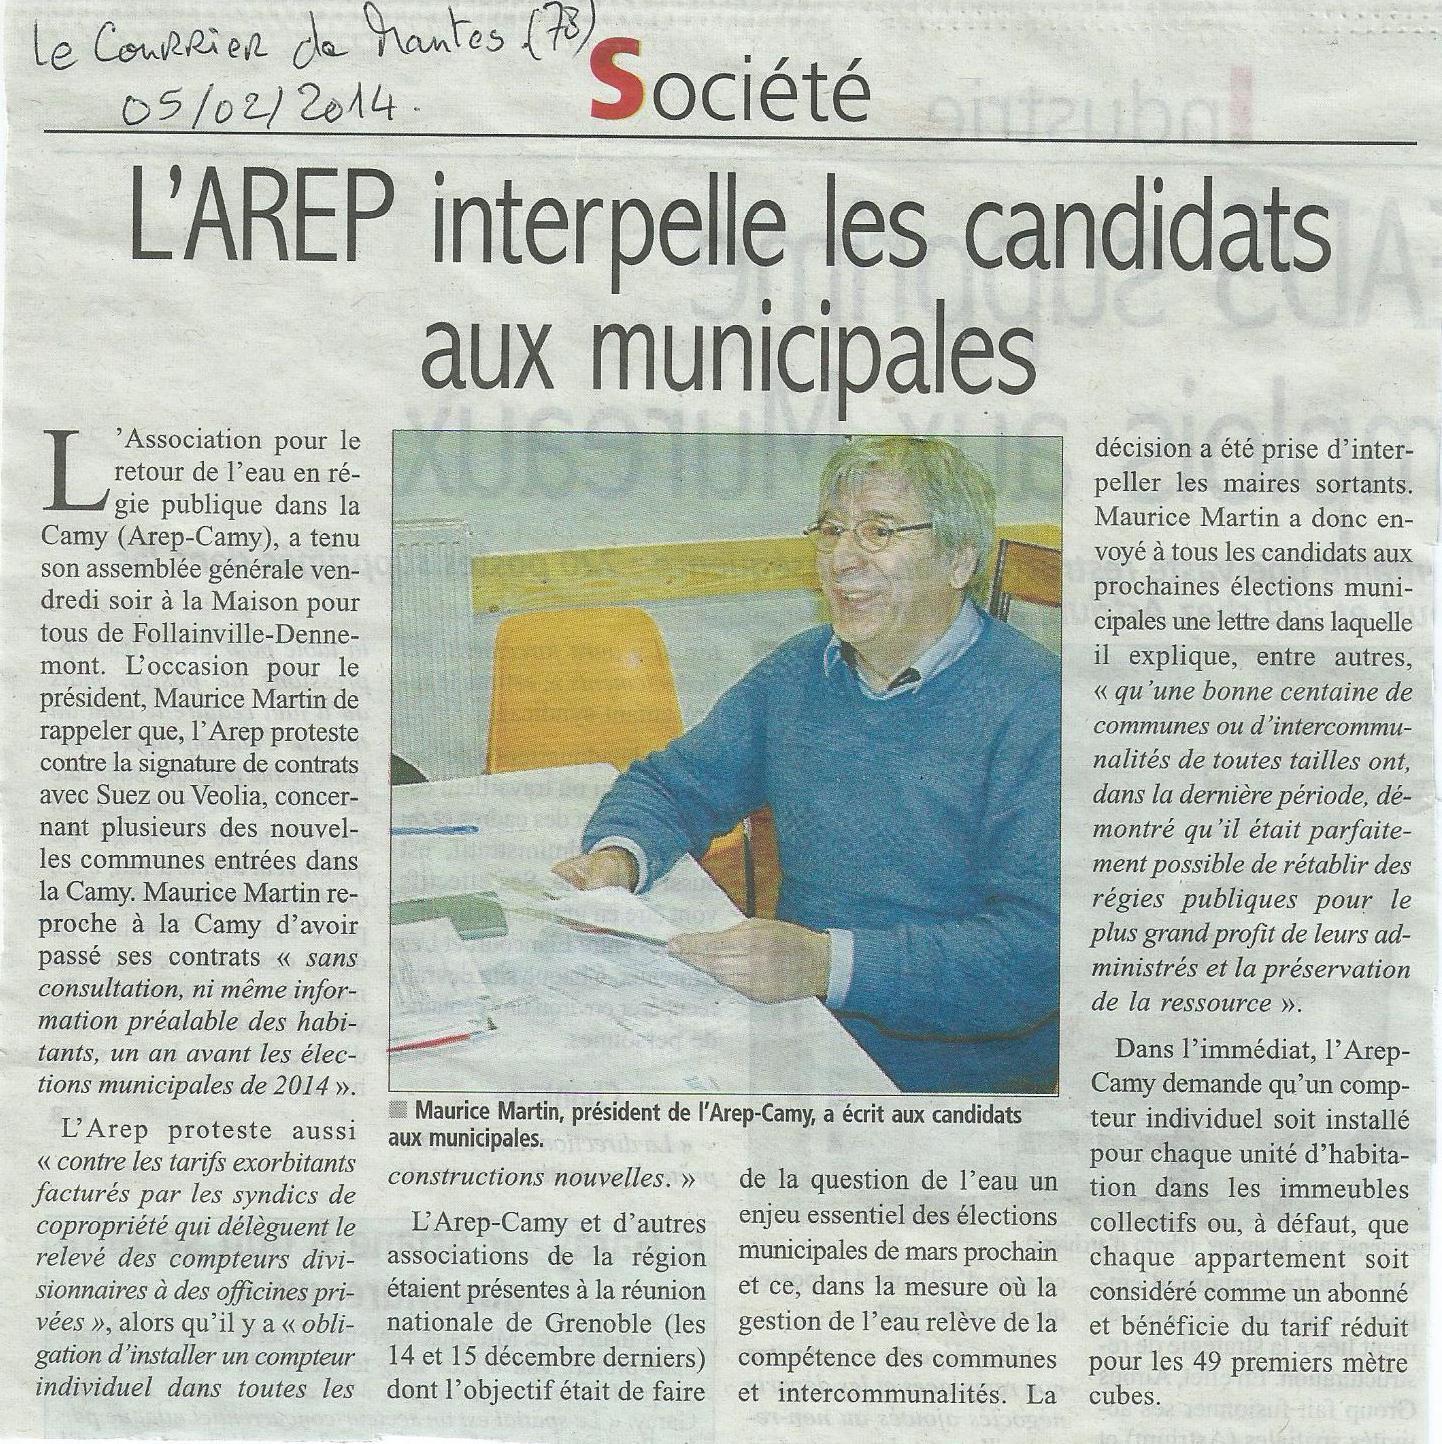 Prix et compteurs : dans les Yvelines, l'AREP interpelle les candidats